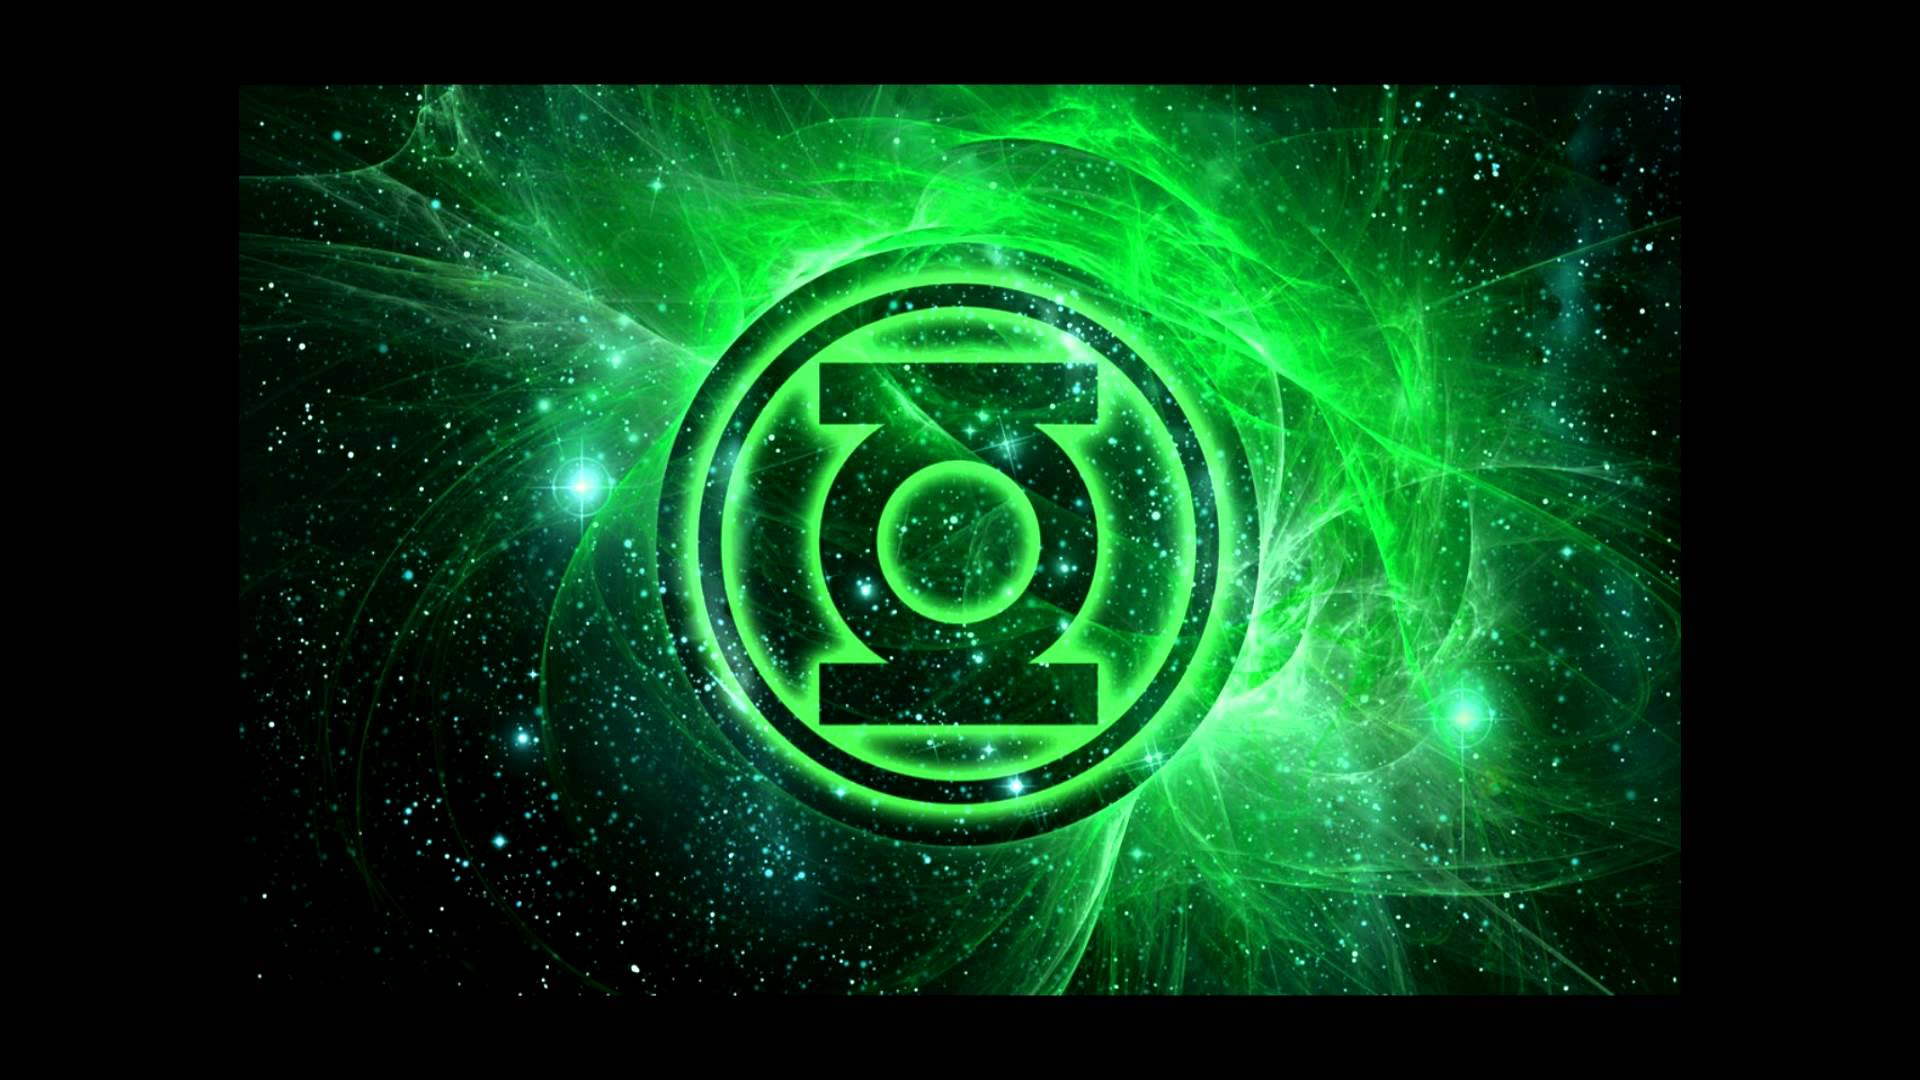 Green Ring Fan